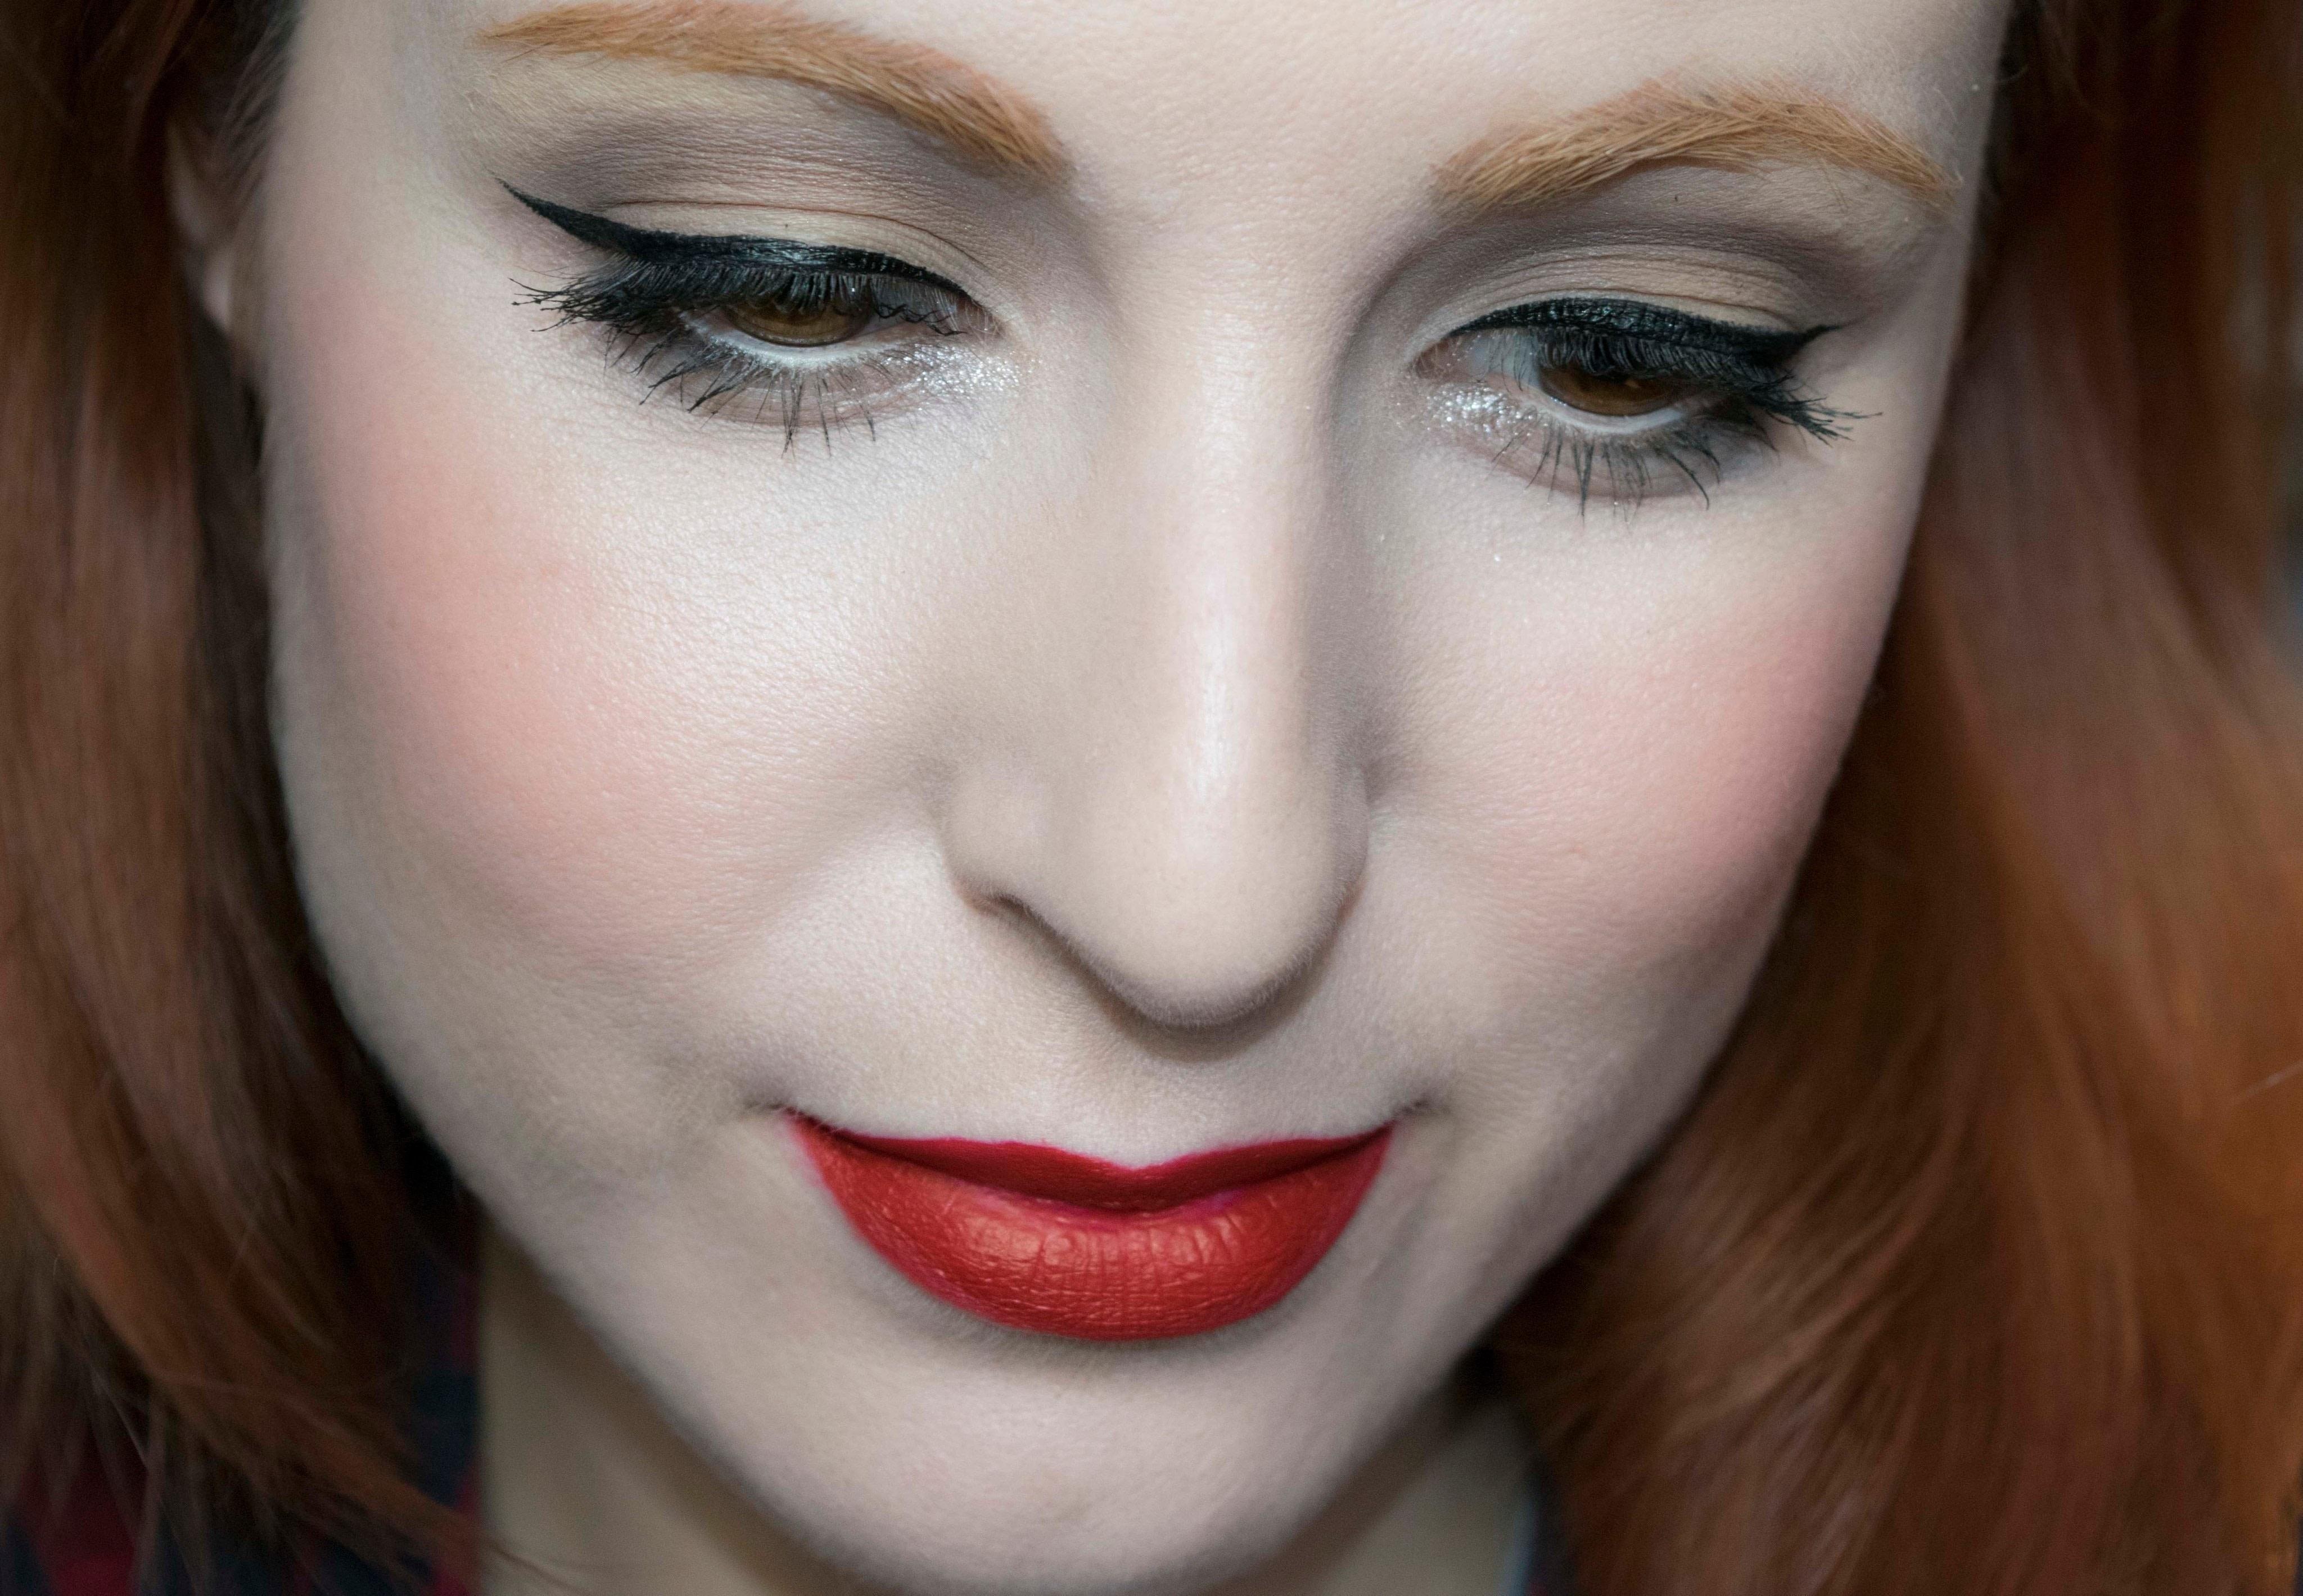 Pin on Make-up